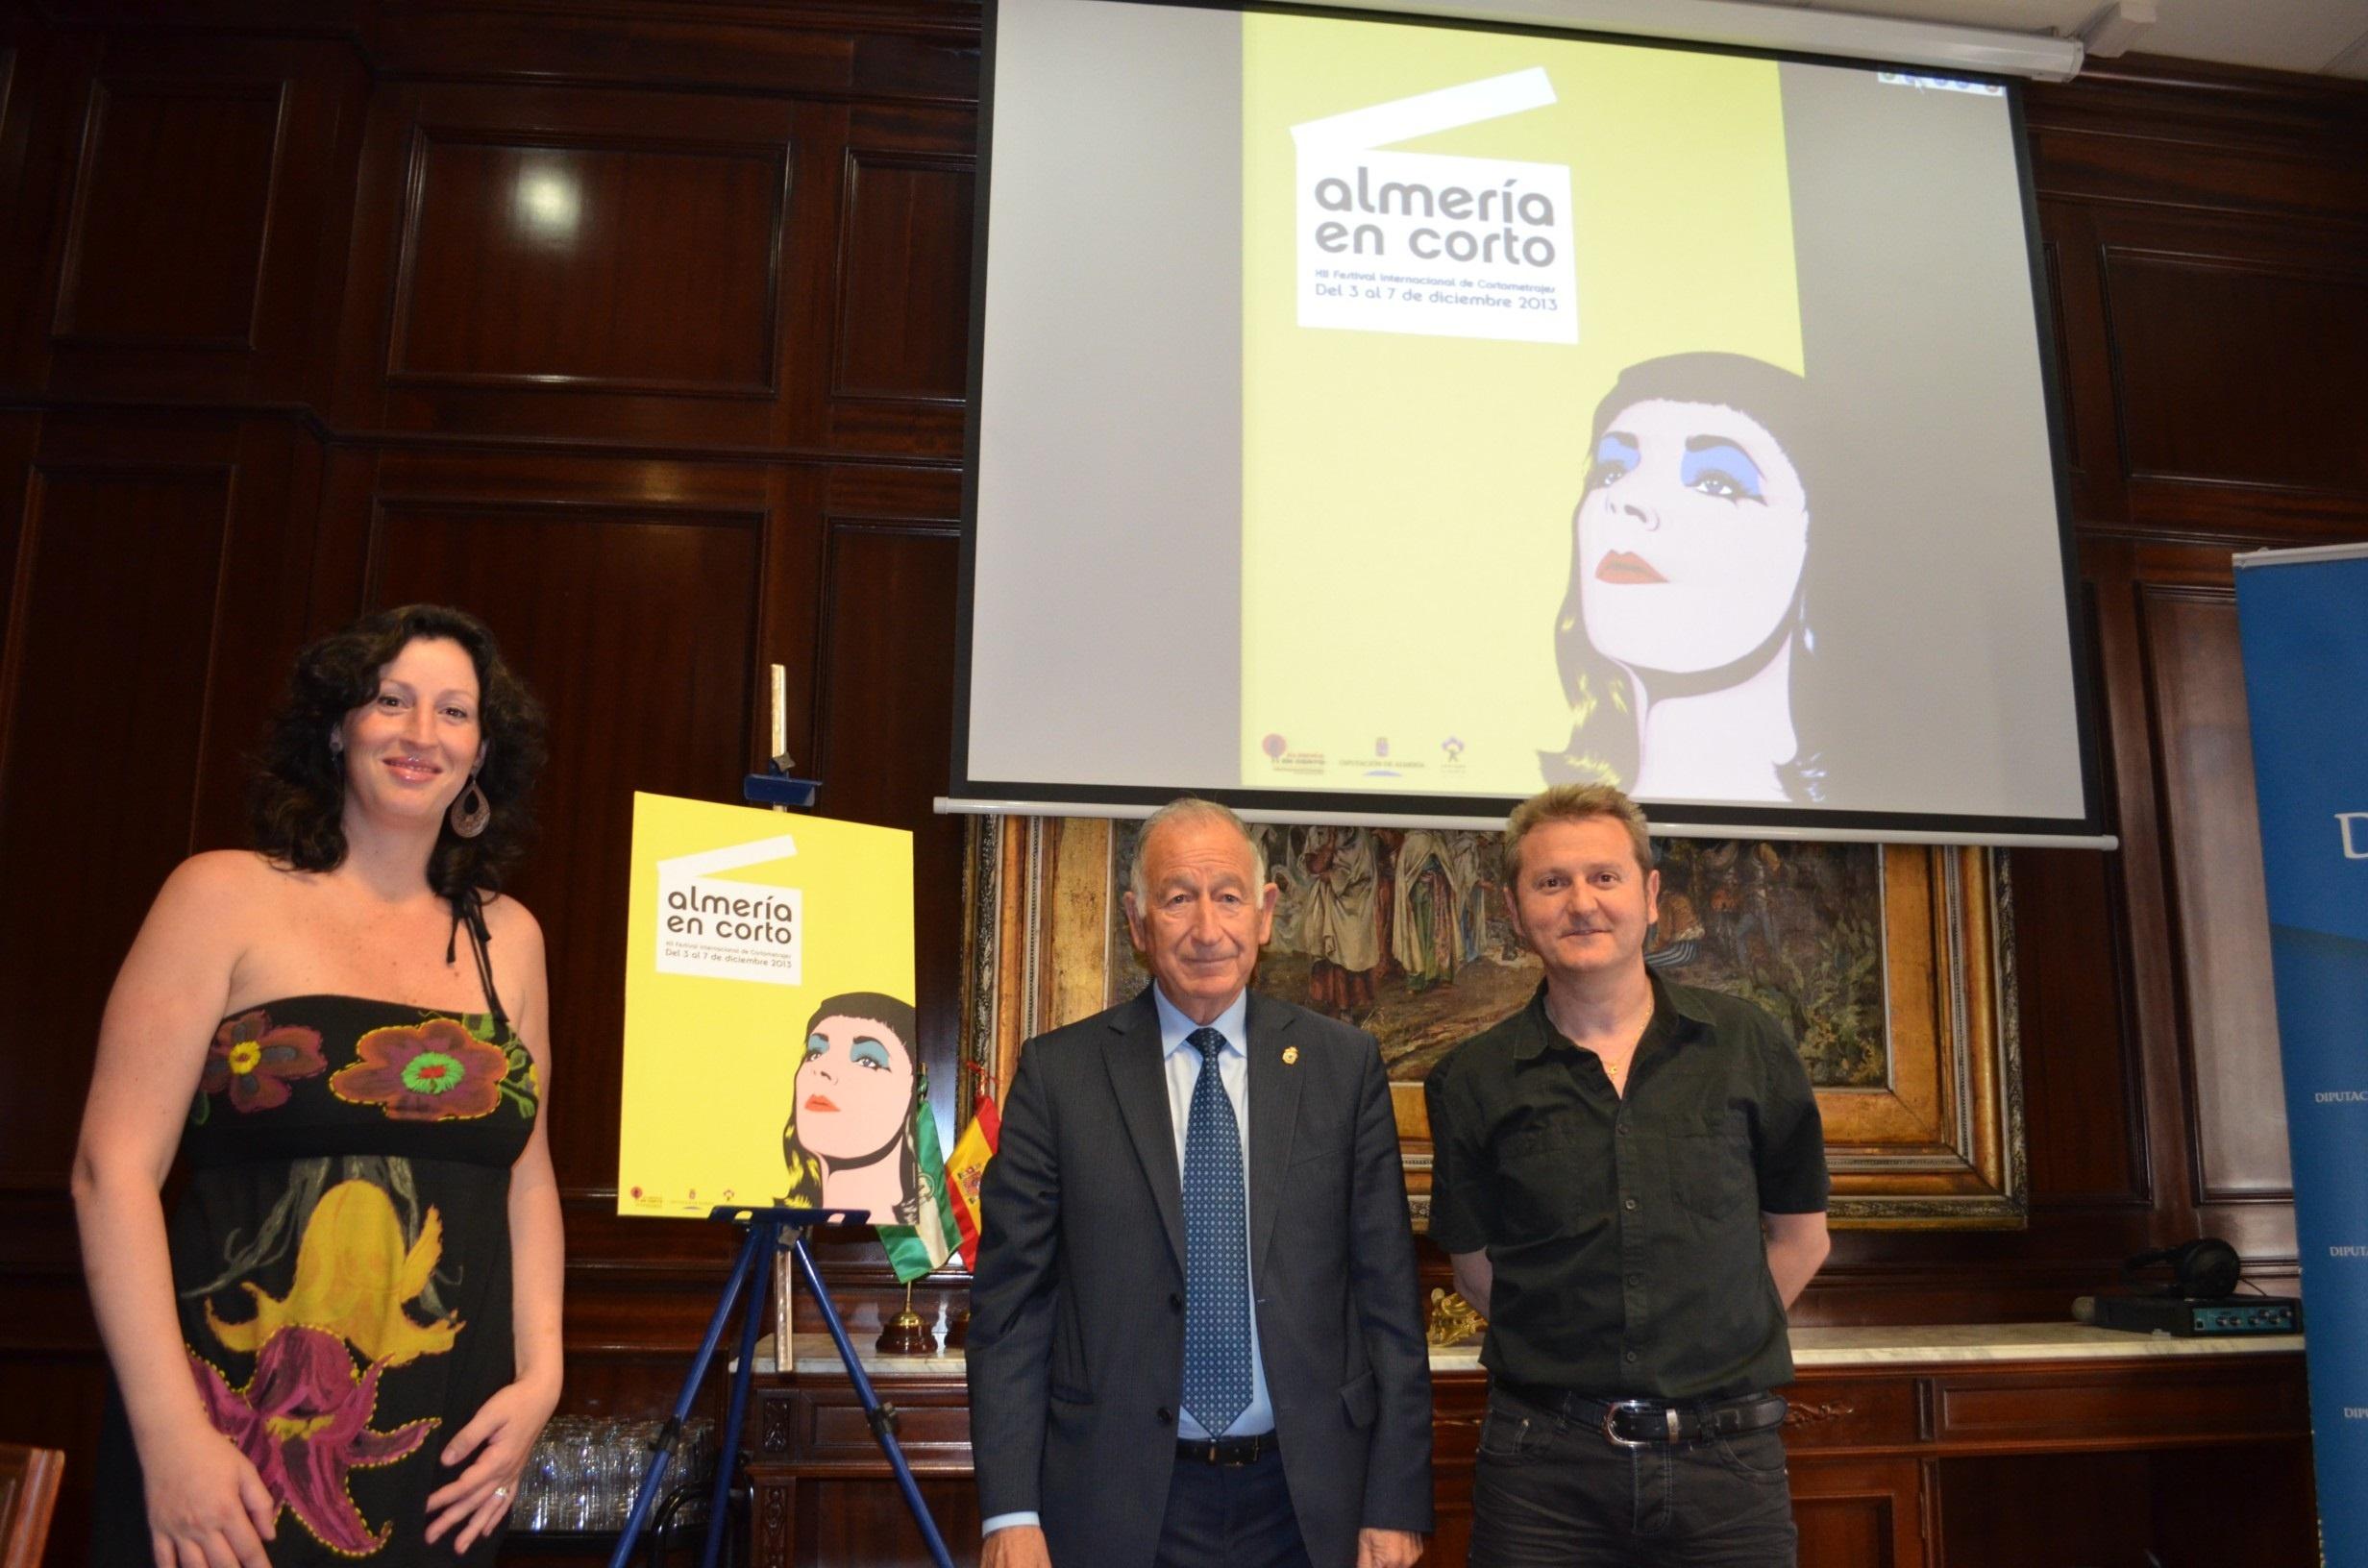 Una imagen pop art de Liz Taylor en »Cleopatra», el cartel del XII Festival »Almería en Corto»